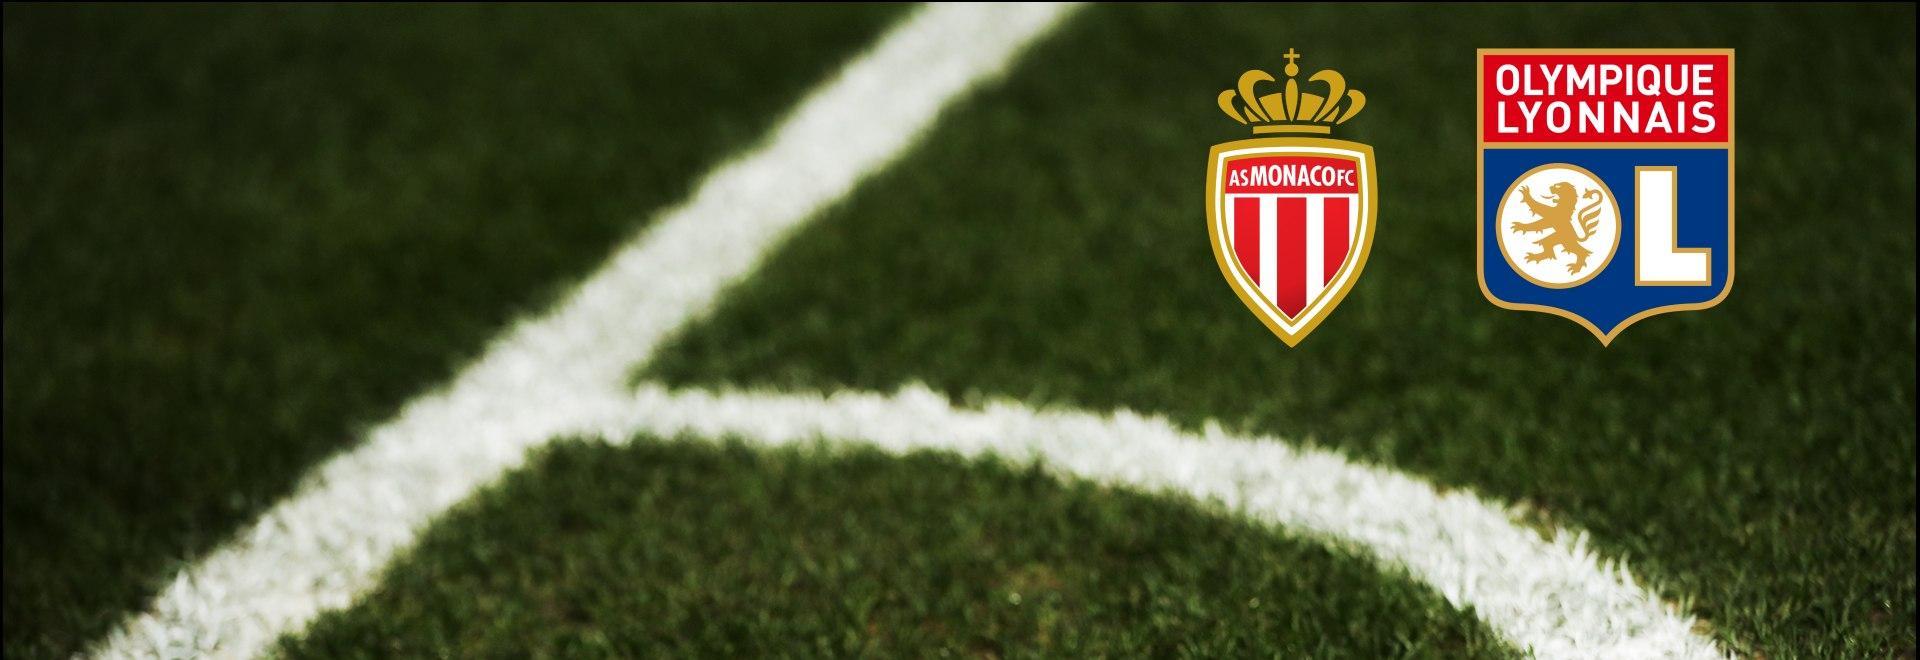 Monaco - Lione. 35a g.